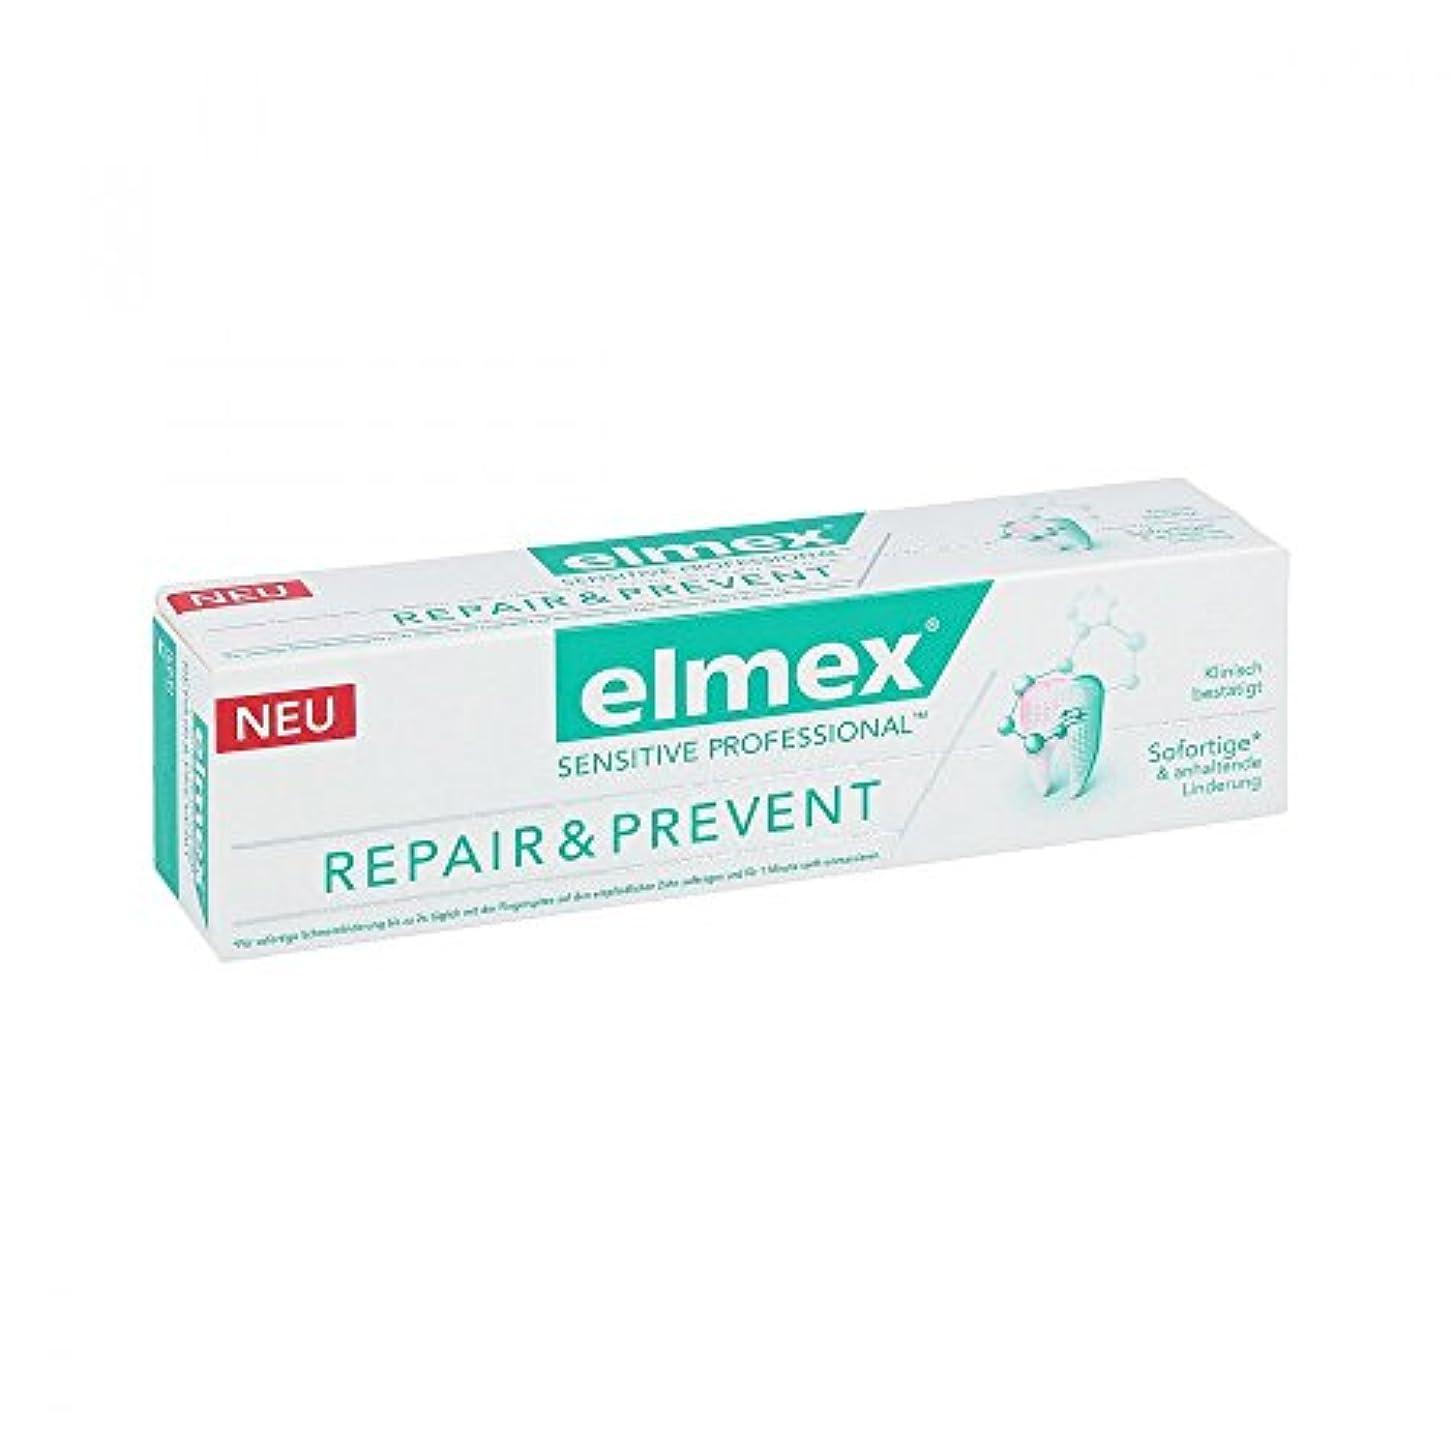 旅客空のボウル3本セット Elmex エルメックス プロ センシティブ 修復 予防 知覚過敏用 歯磨き粉 75ml【並行輸入品】